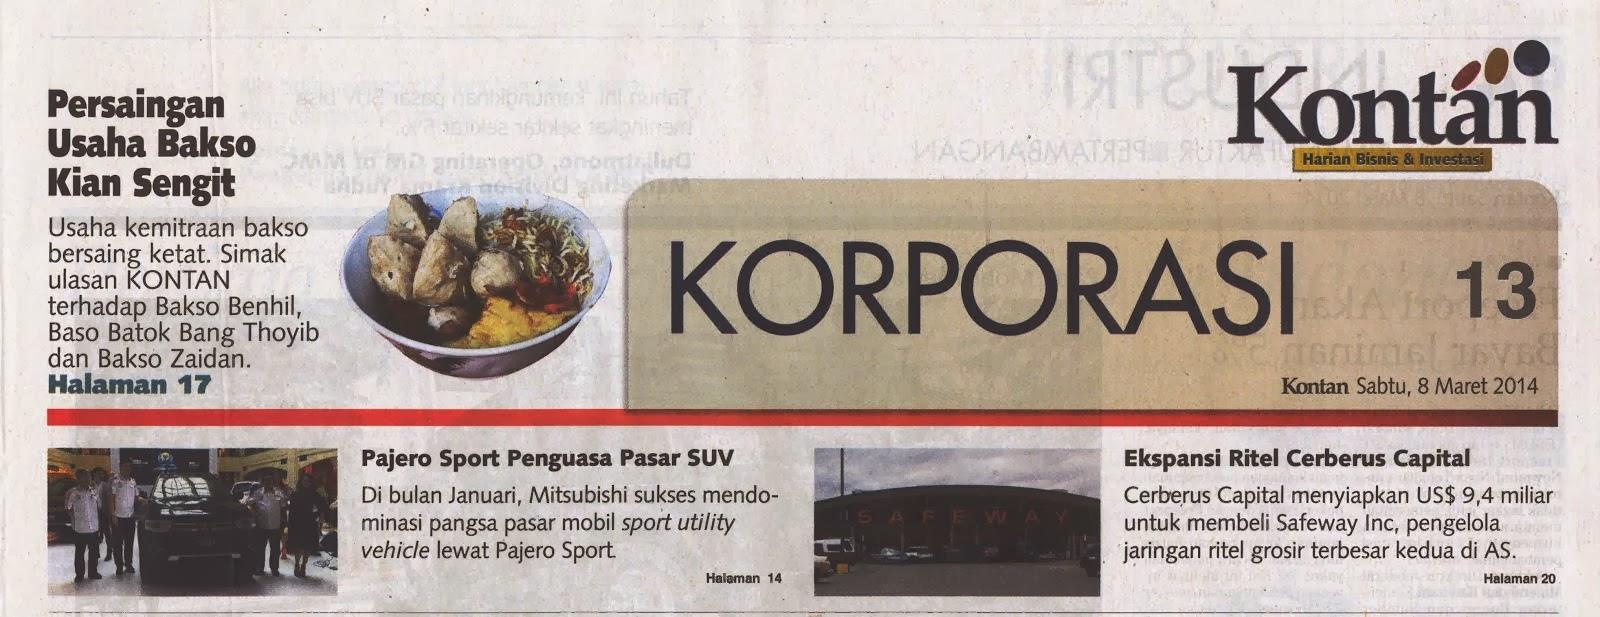 Ulasan tentang Bakso di Harian Kontan 8 Maret 2014